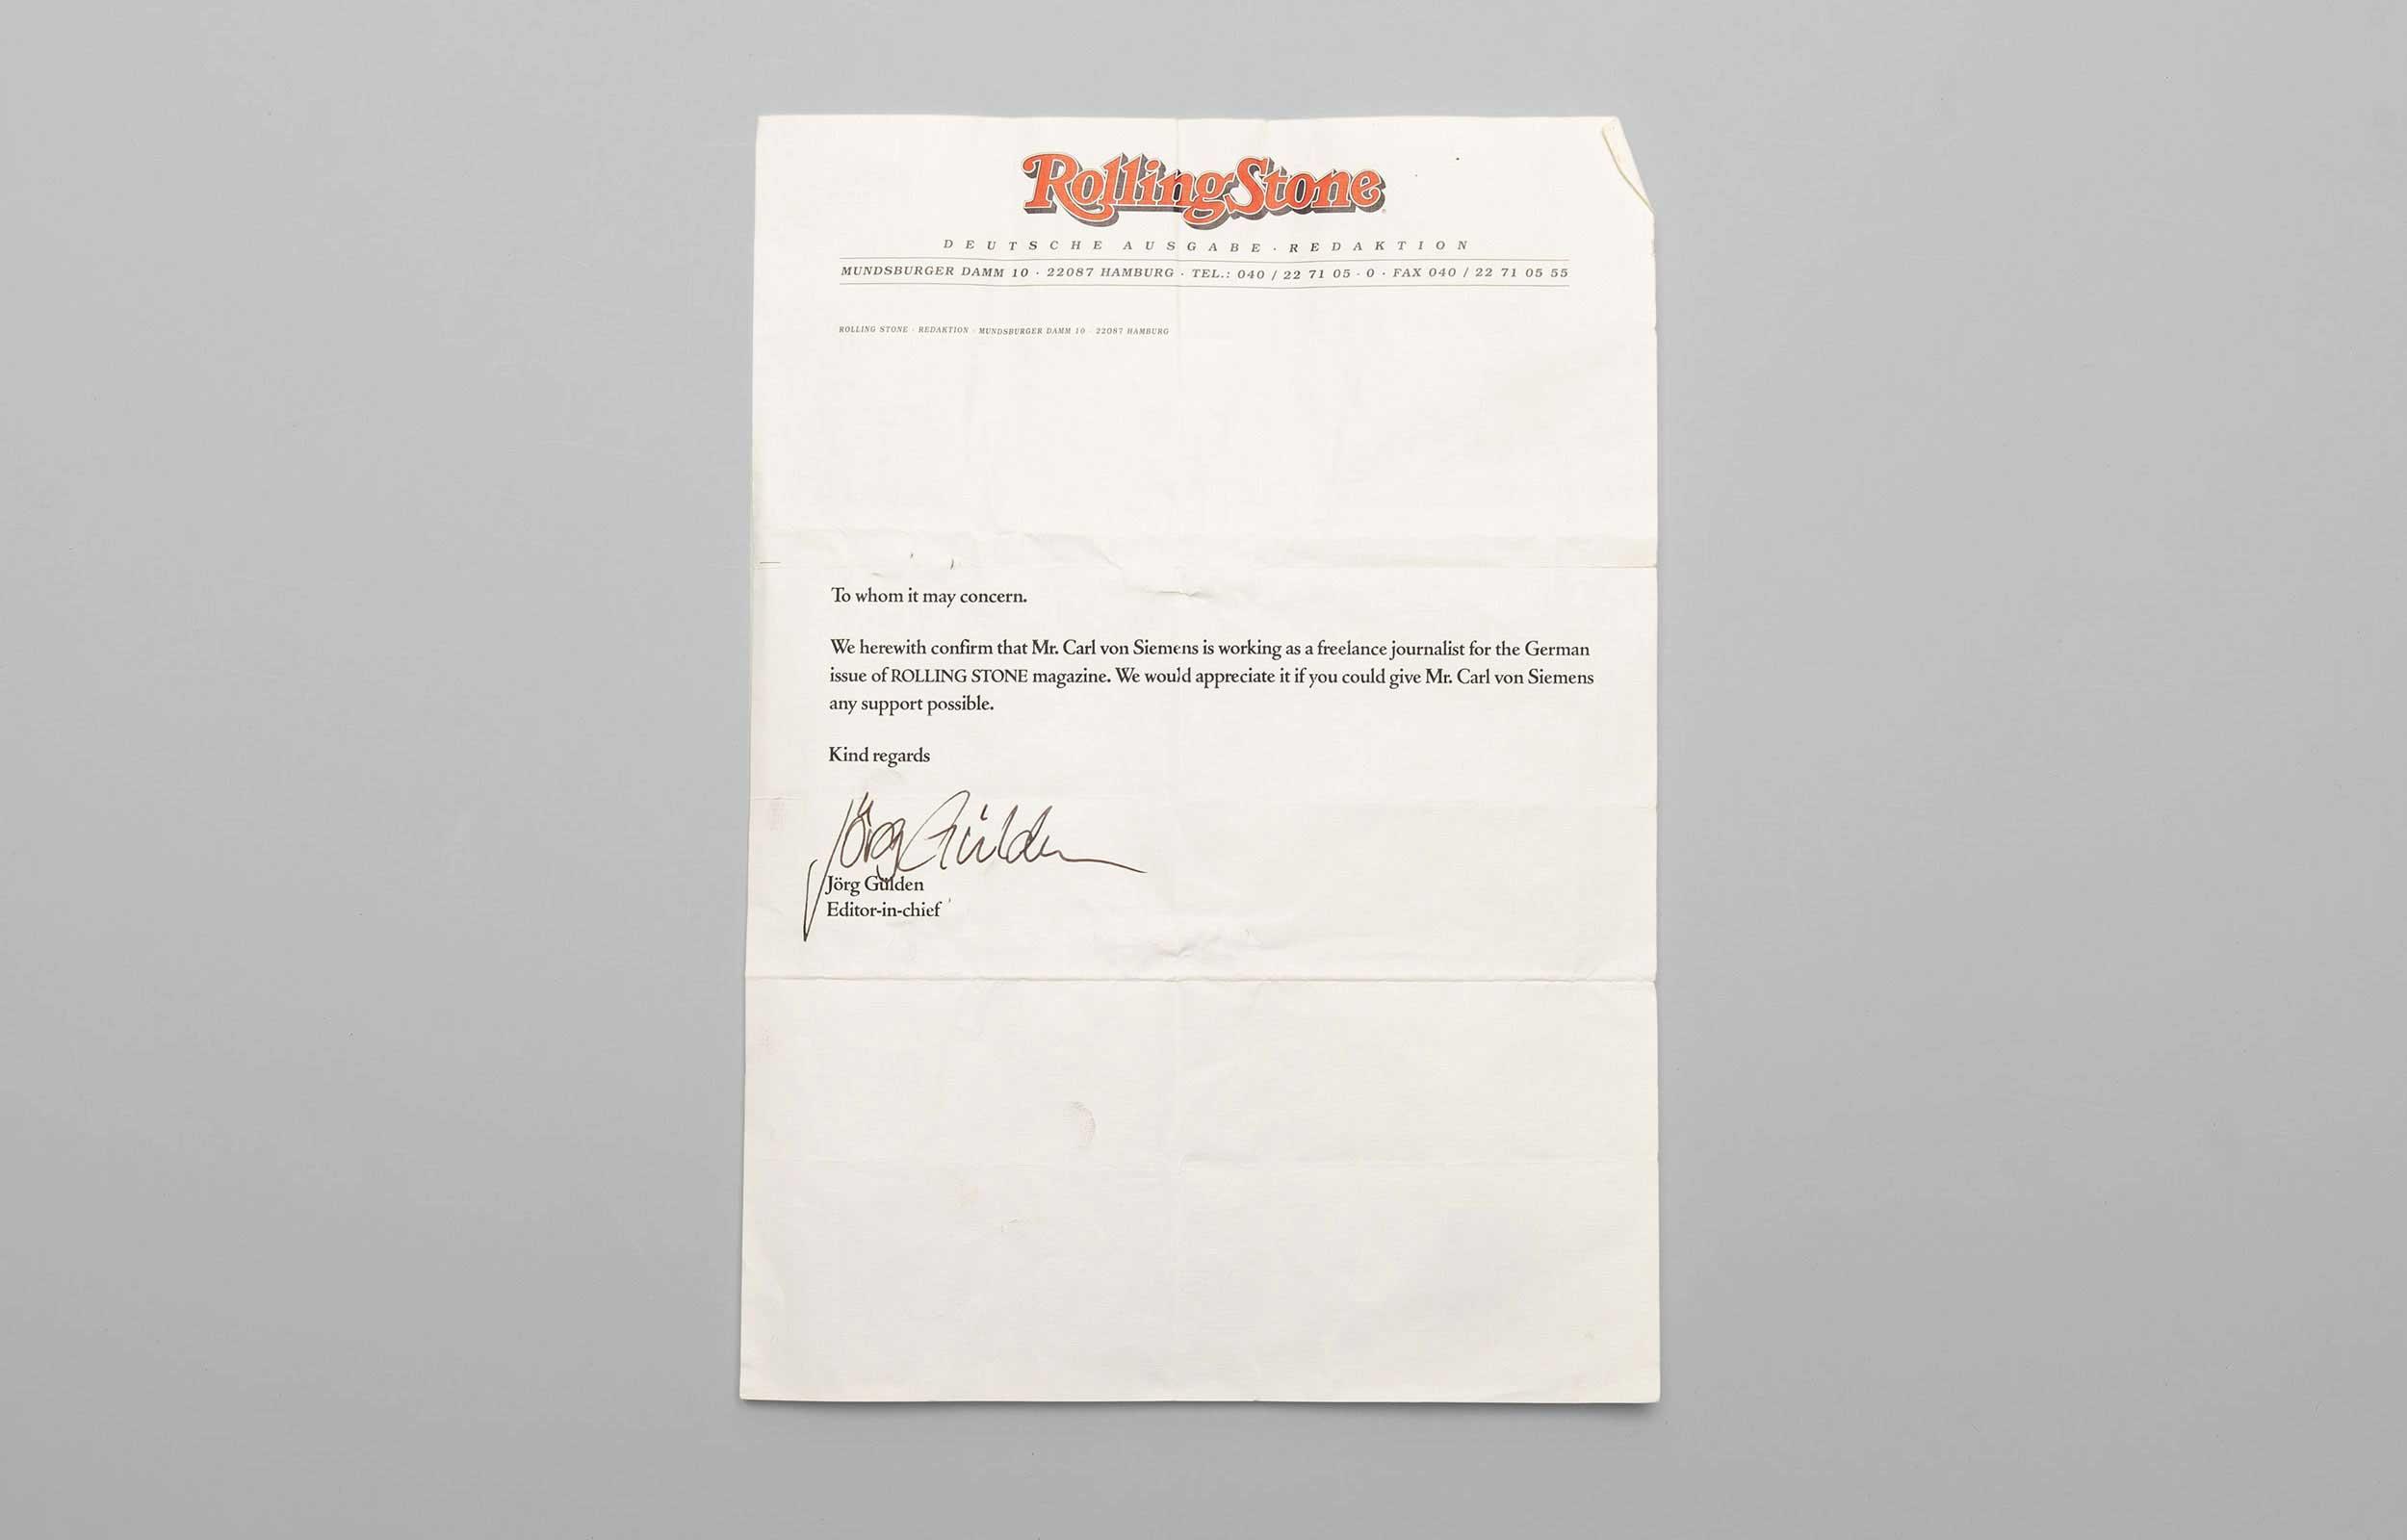 Carl von Siemens Rolling Stone Brief 4